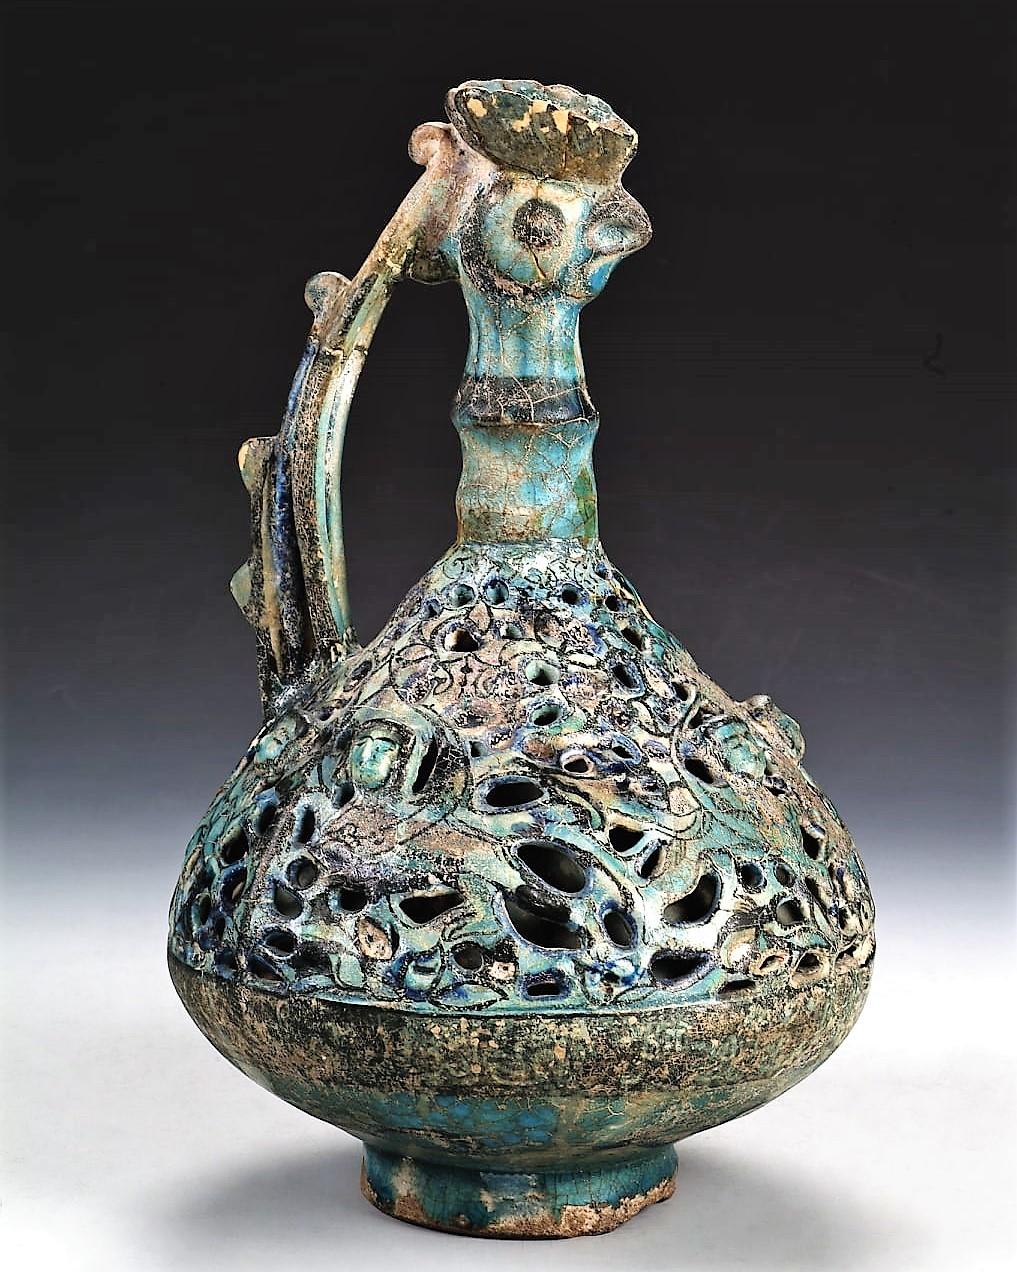 Кувшин с двойной стенкой. Начало 13 века. Кашан, Иран.  Фаянс, прозрачная бирюзовая полива; перфорация, подглазурная роспись